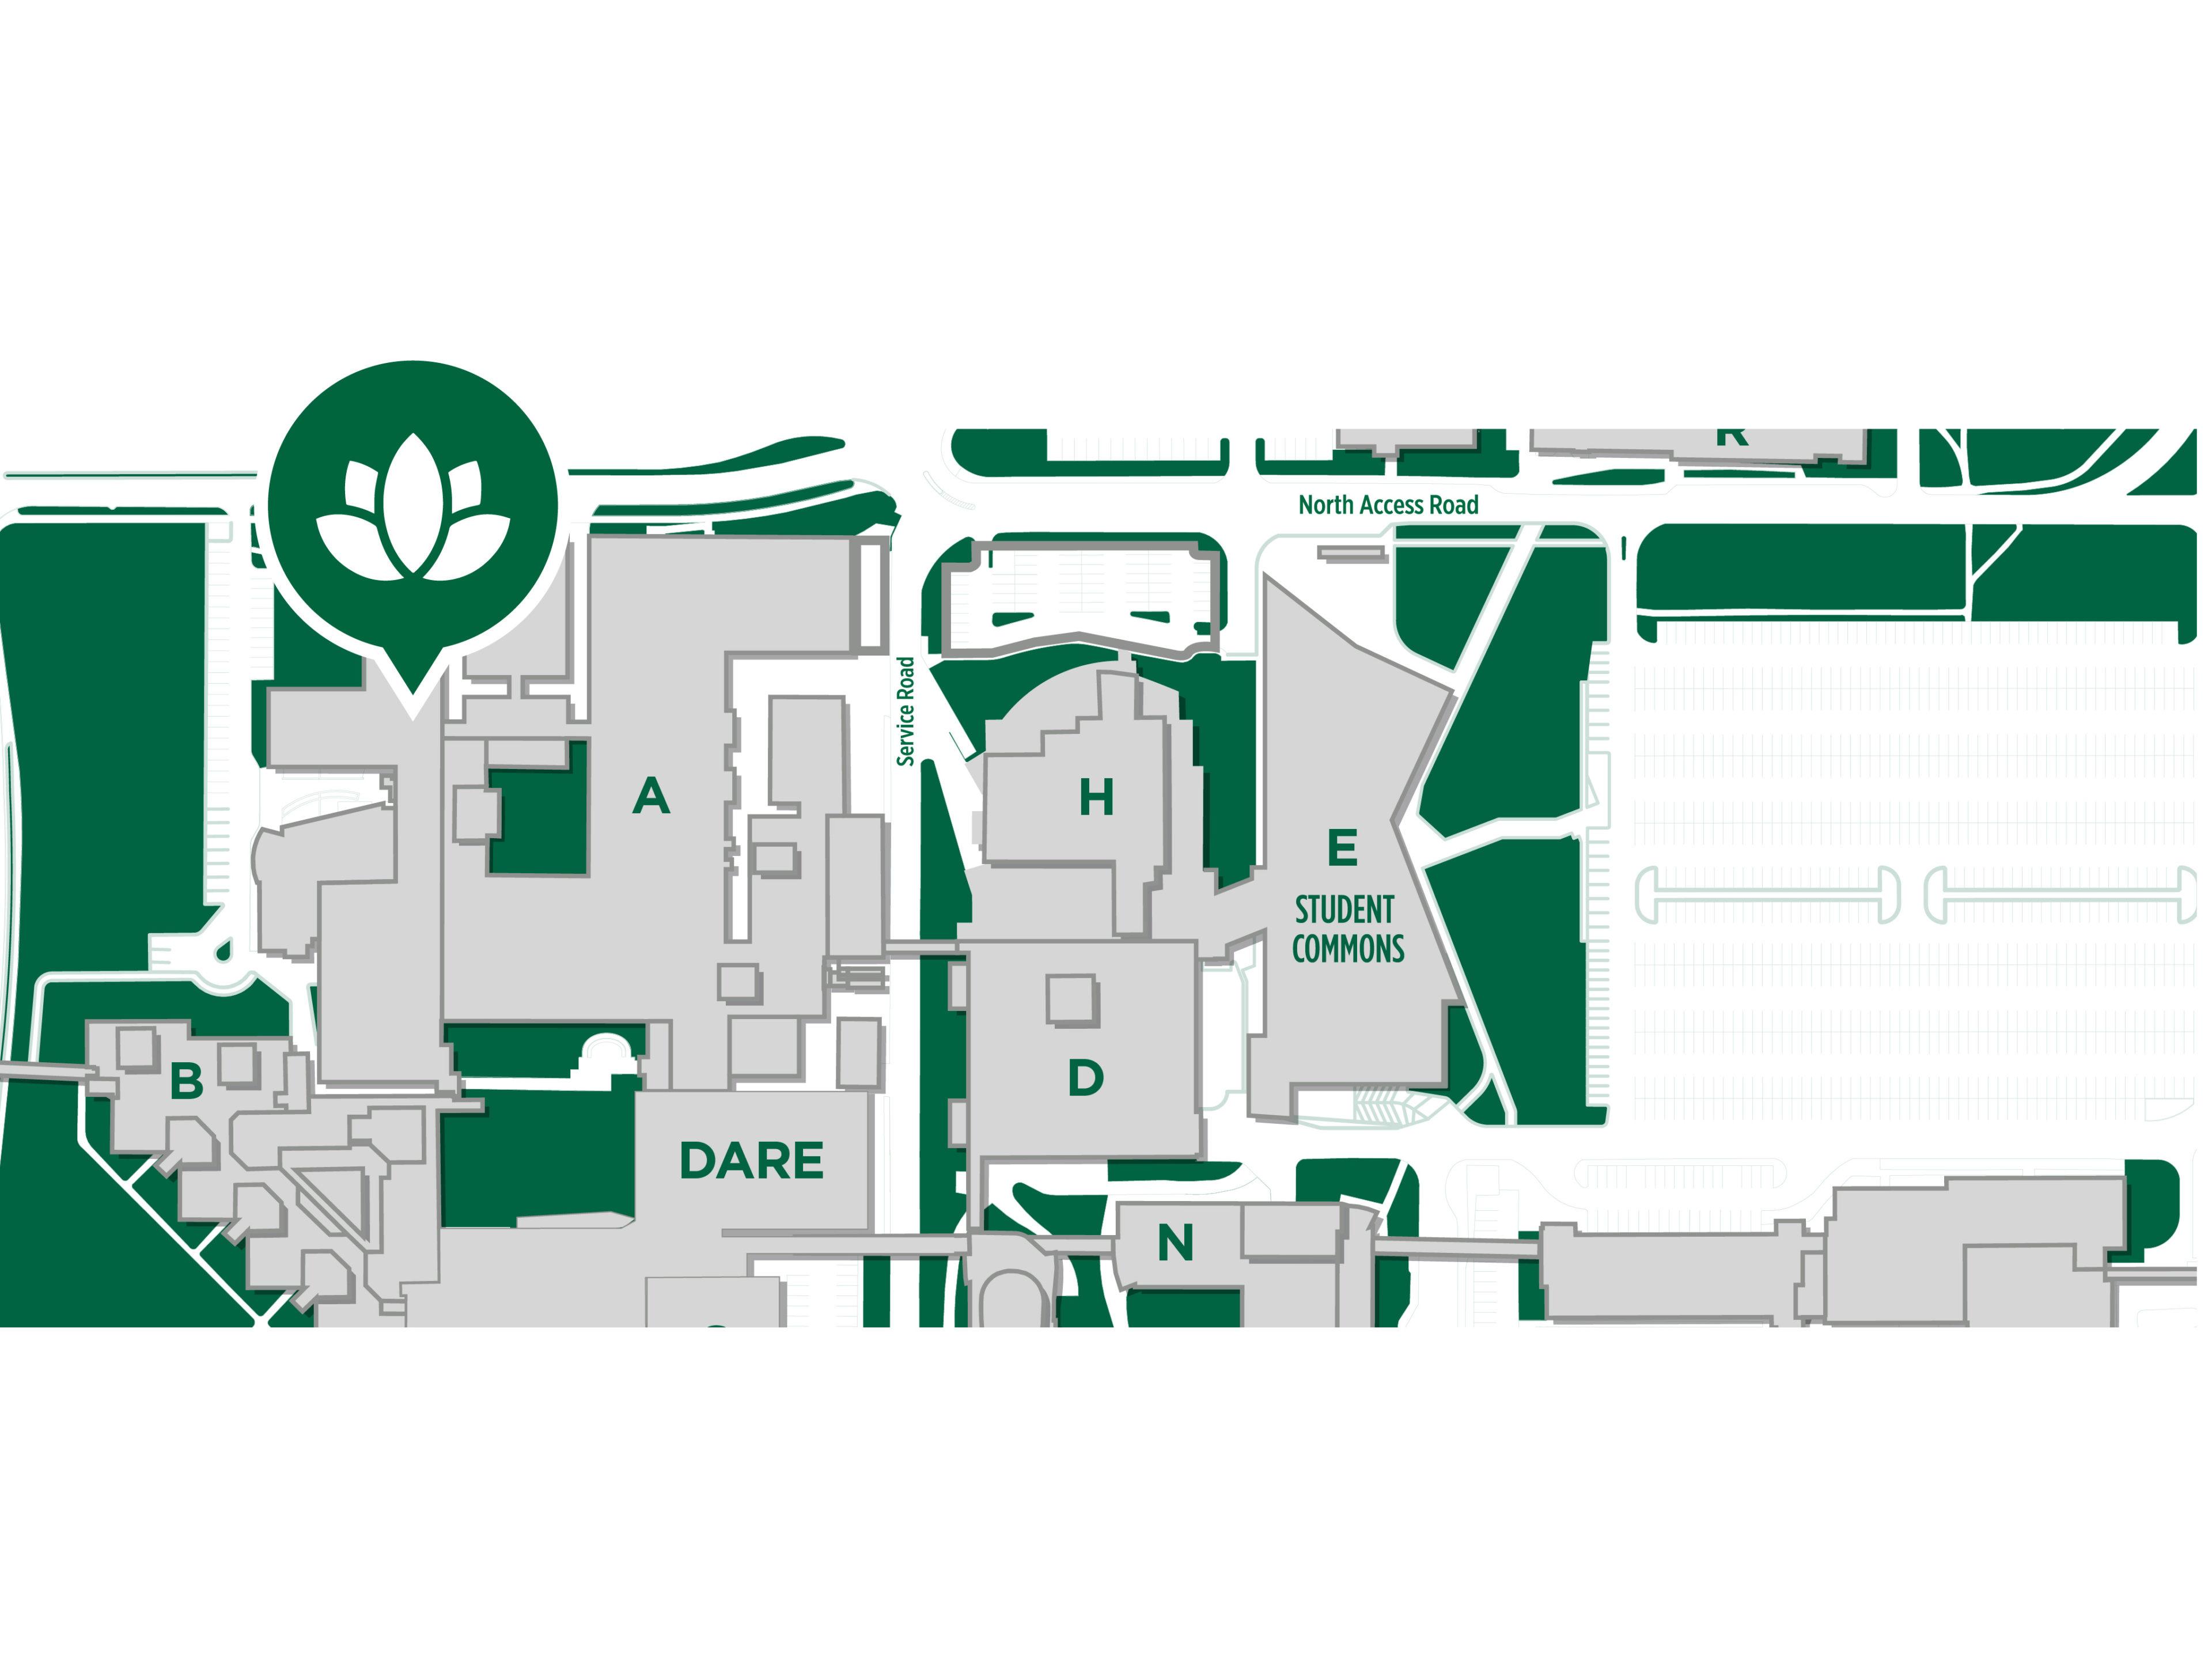 algonquin college map of campus Algonquin College Map Salon Spa And Boutique algonquin college map of campus